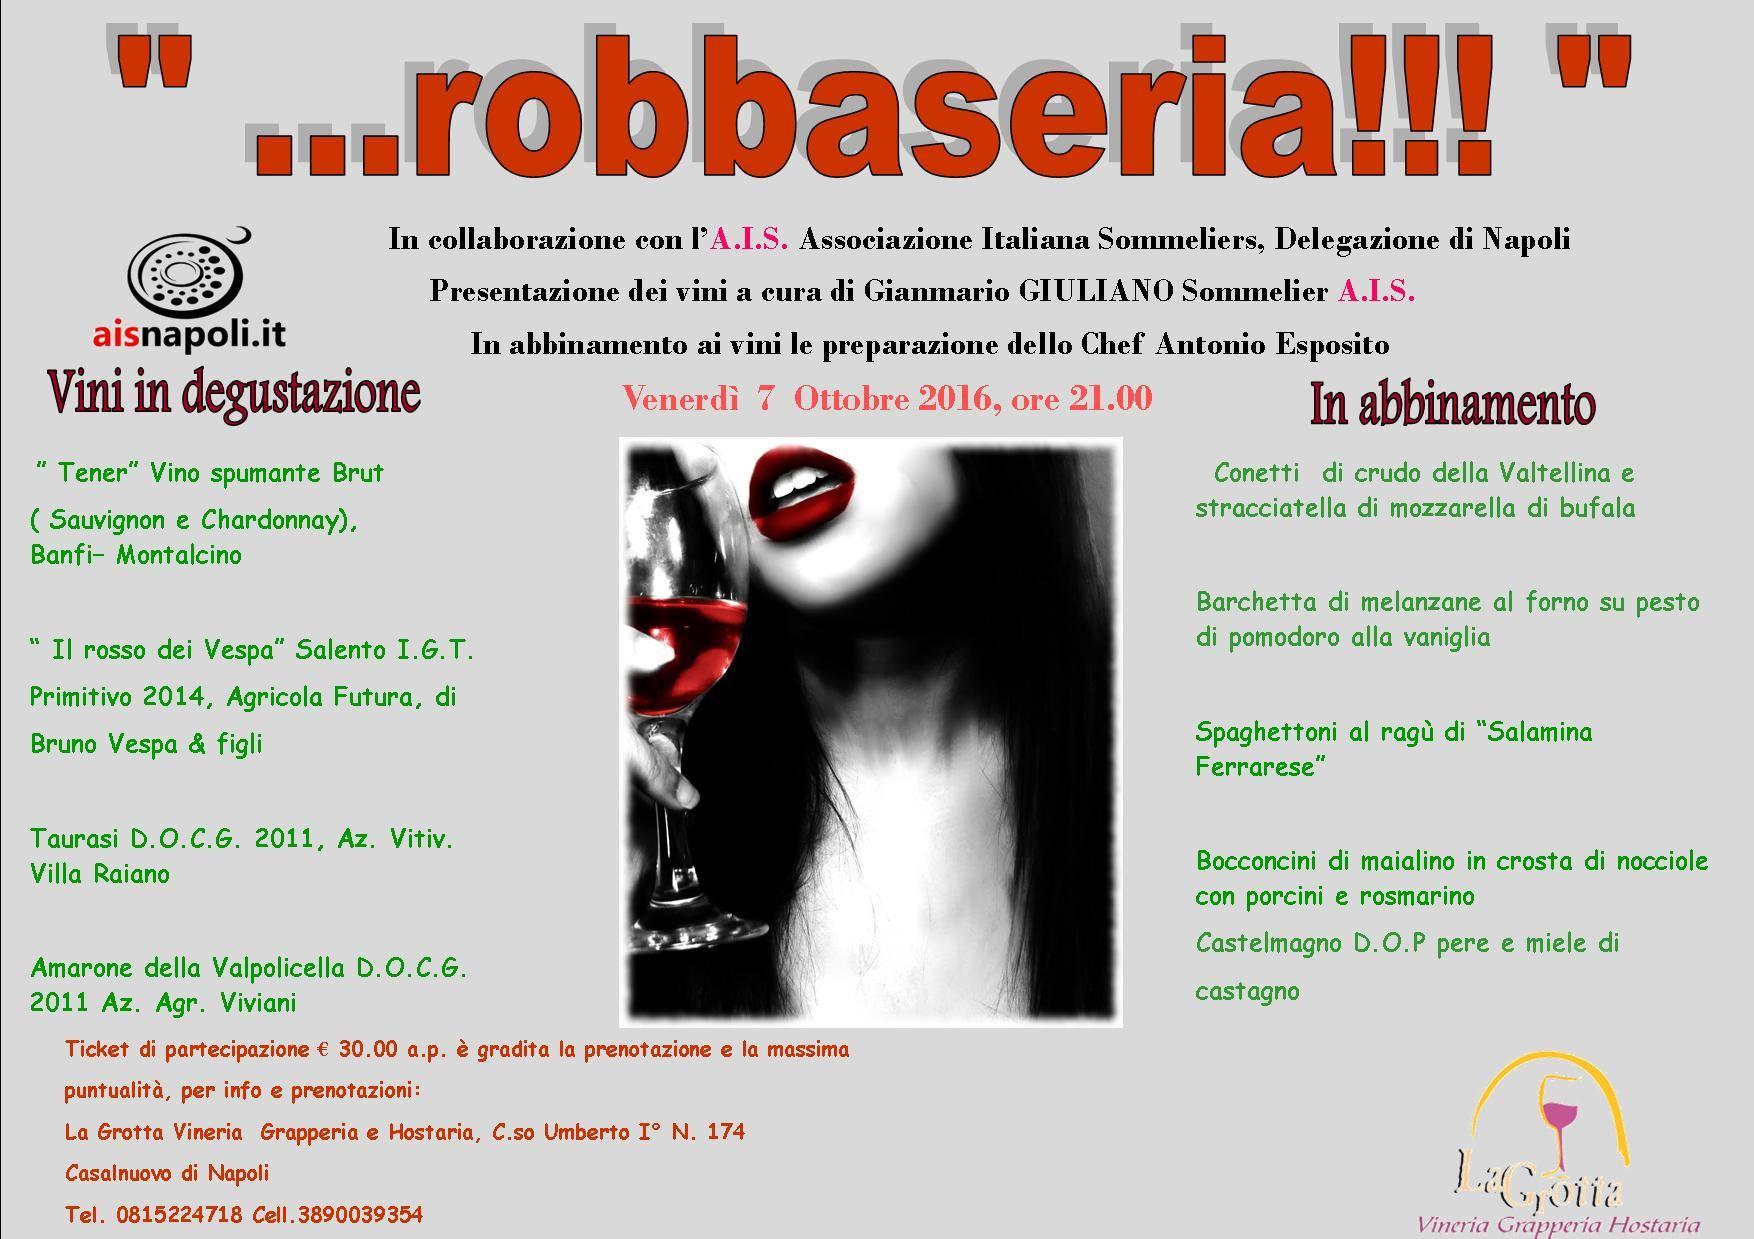 Robbaseria